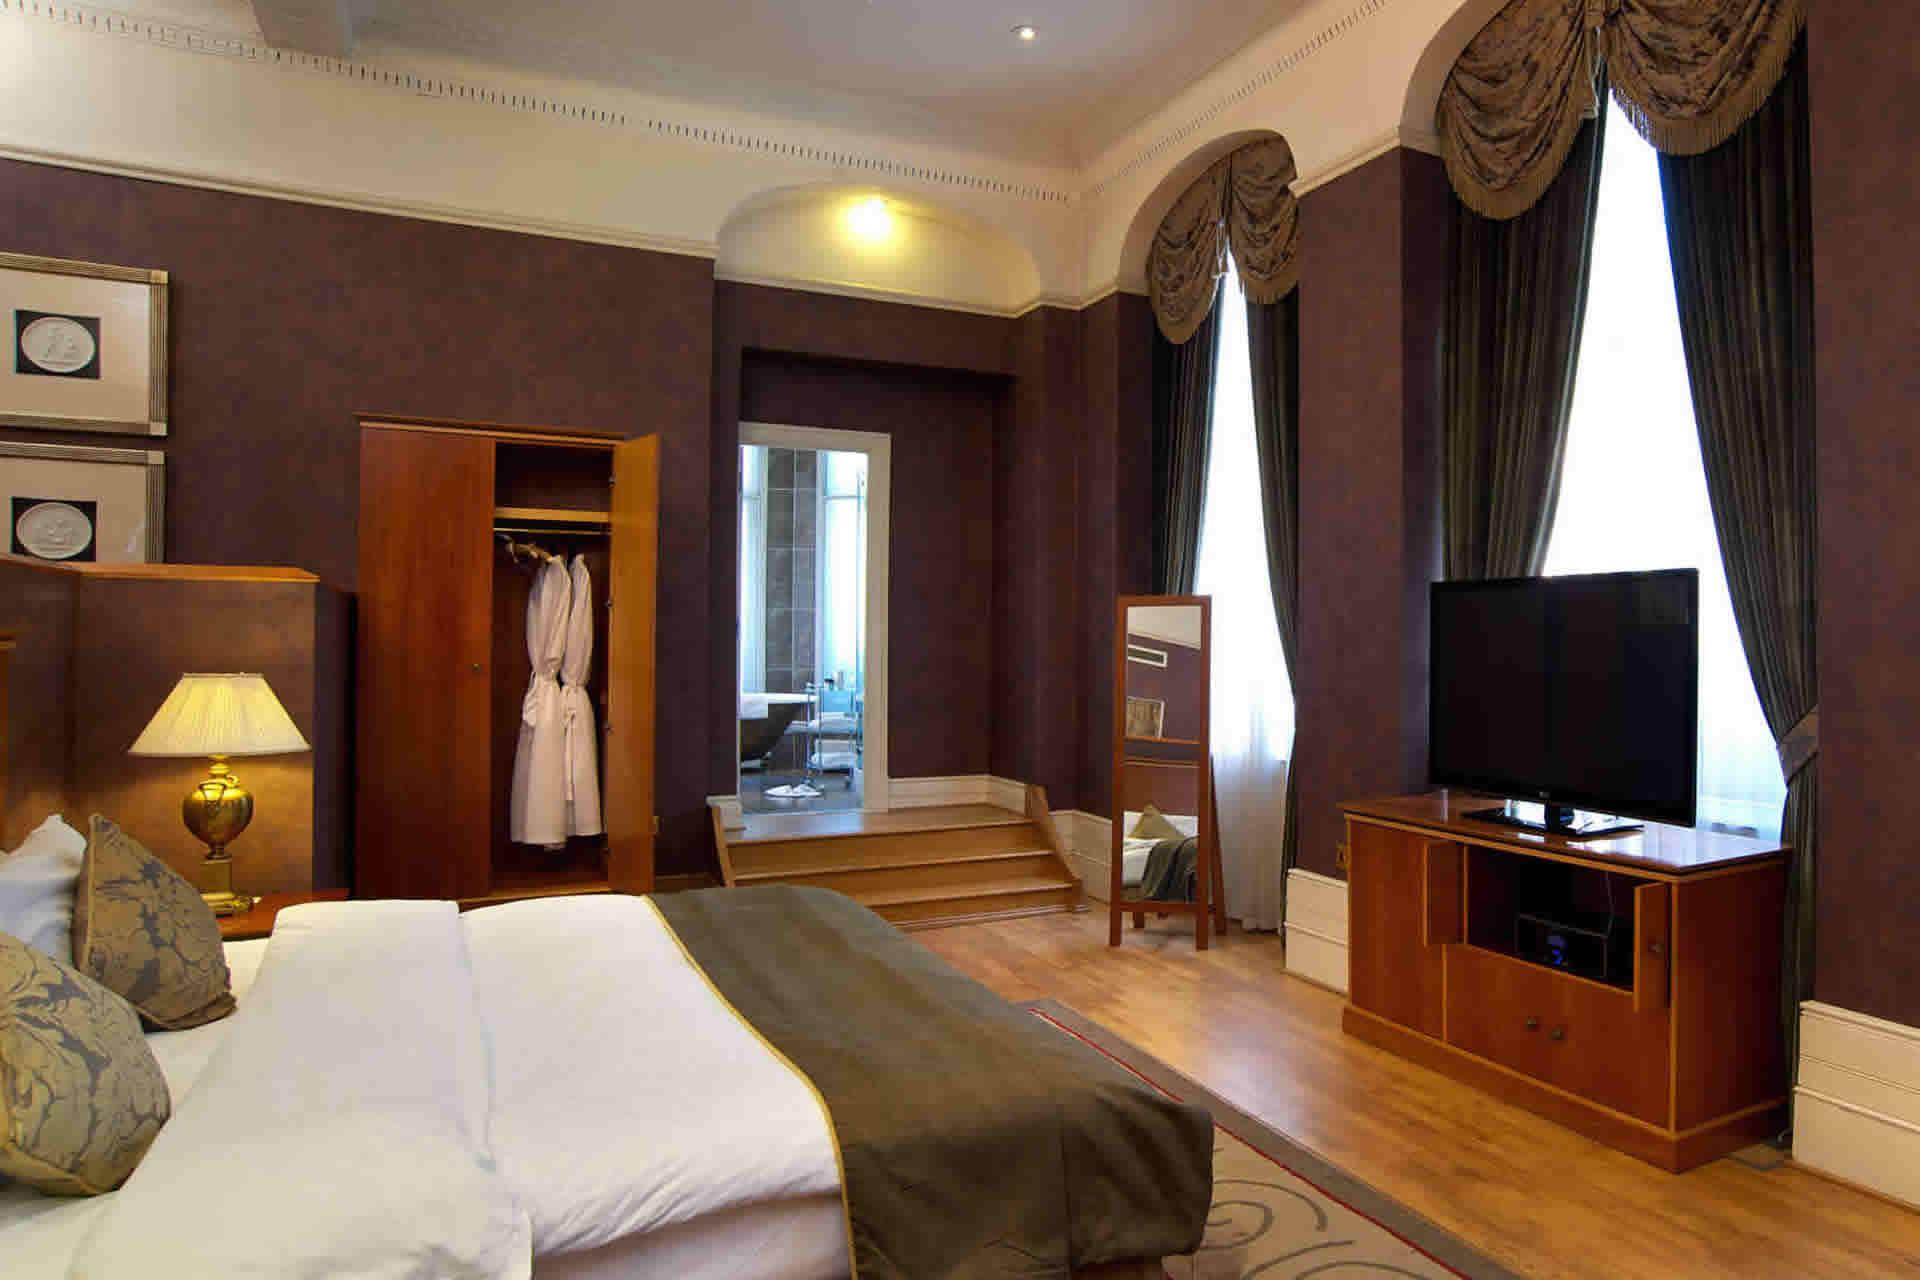 Quebec hotel leeds bedroom